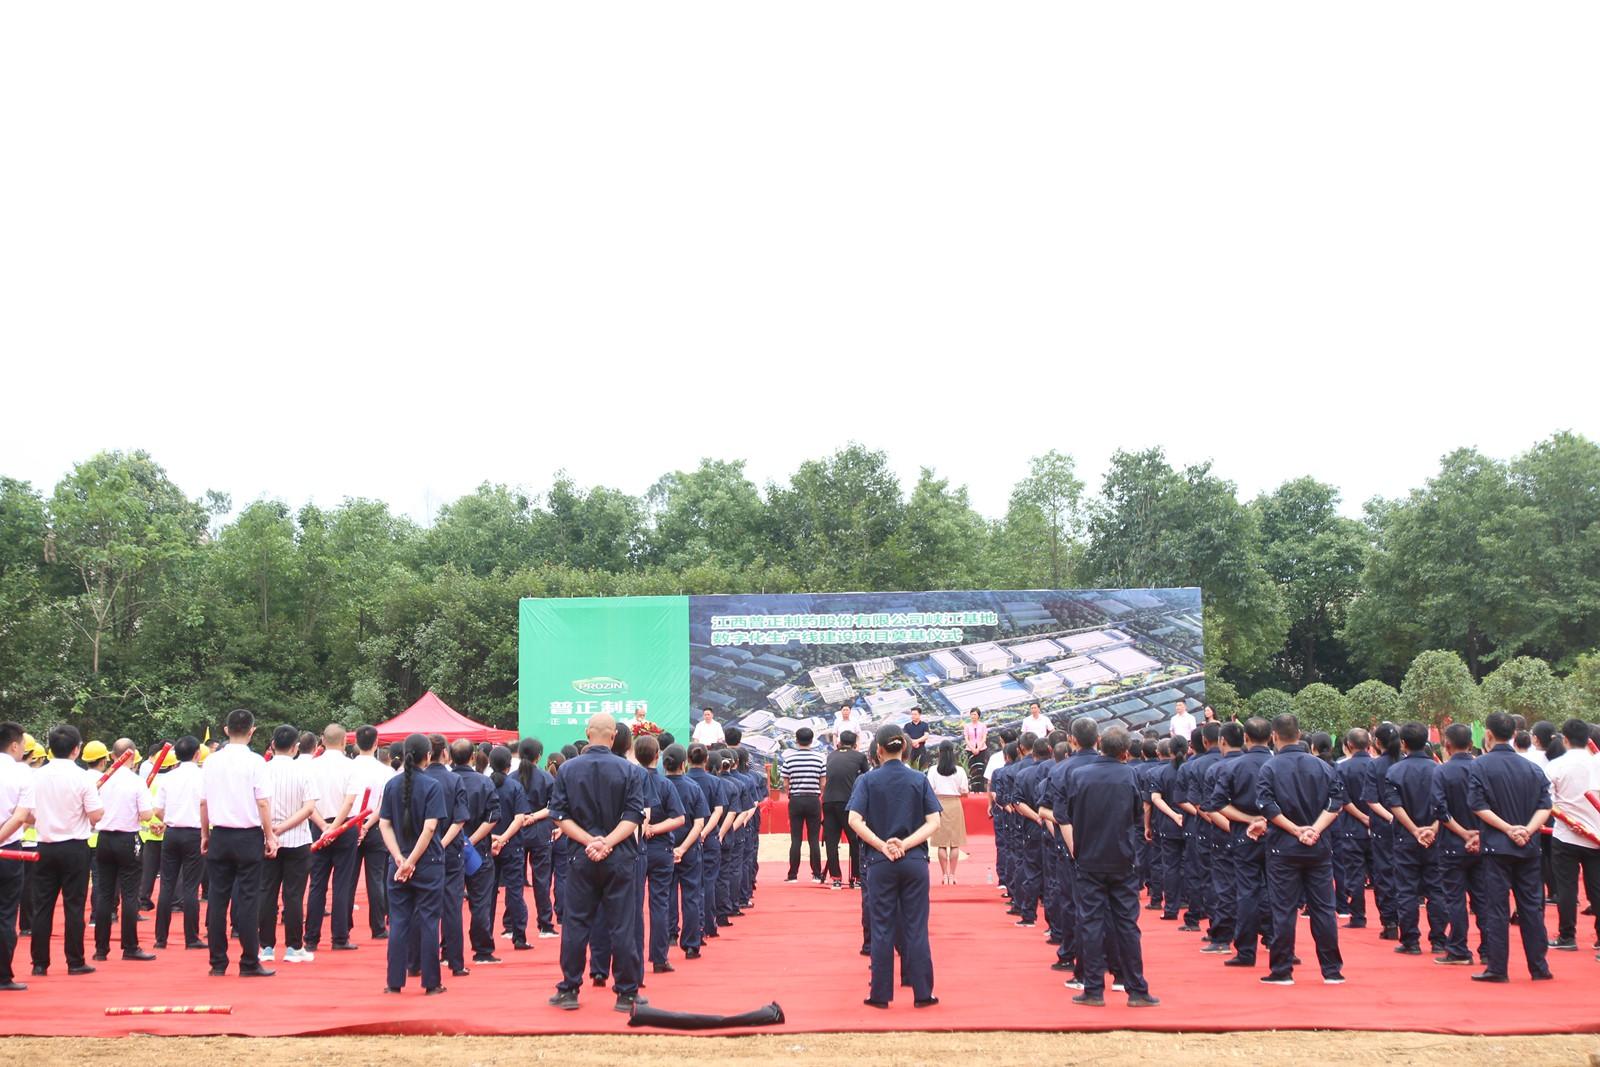 啟航新征程,普正制藥峽江基地數字化生產線項目舉行開工奠基儀式